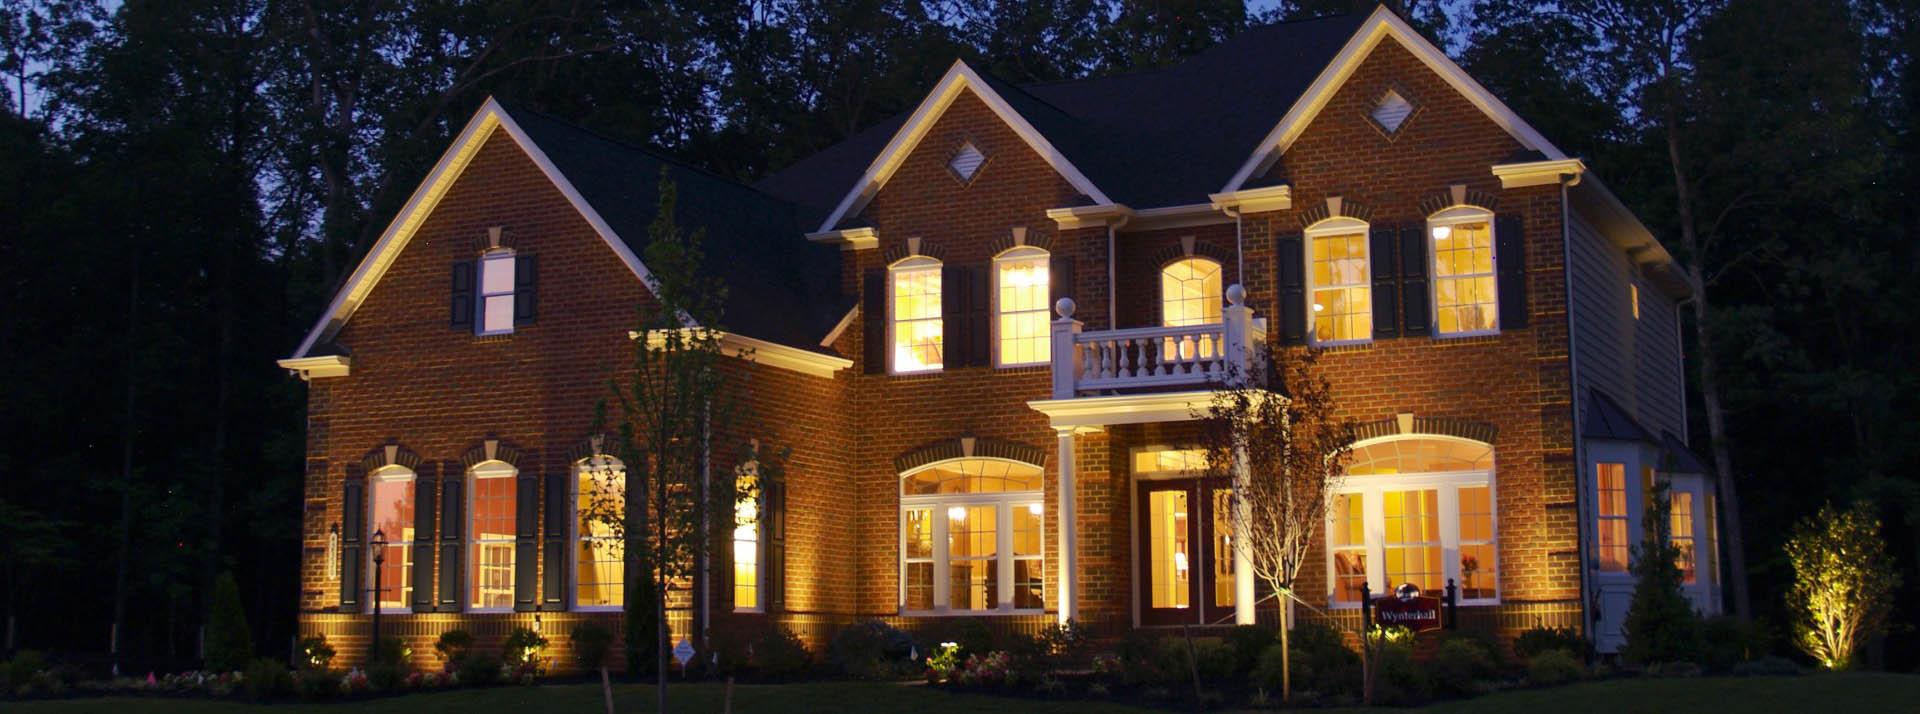 Indoor & Outdoor Decorative Lighting